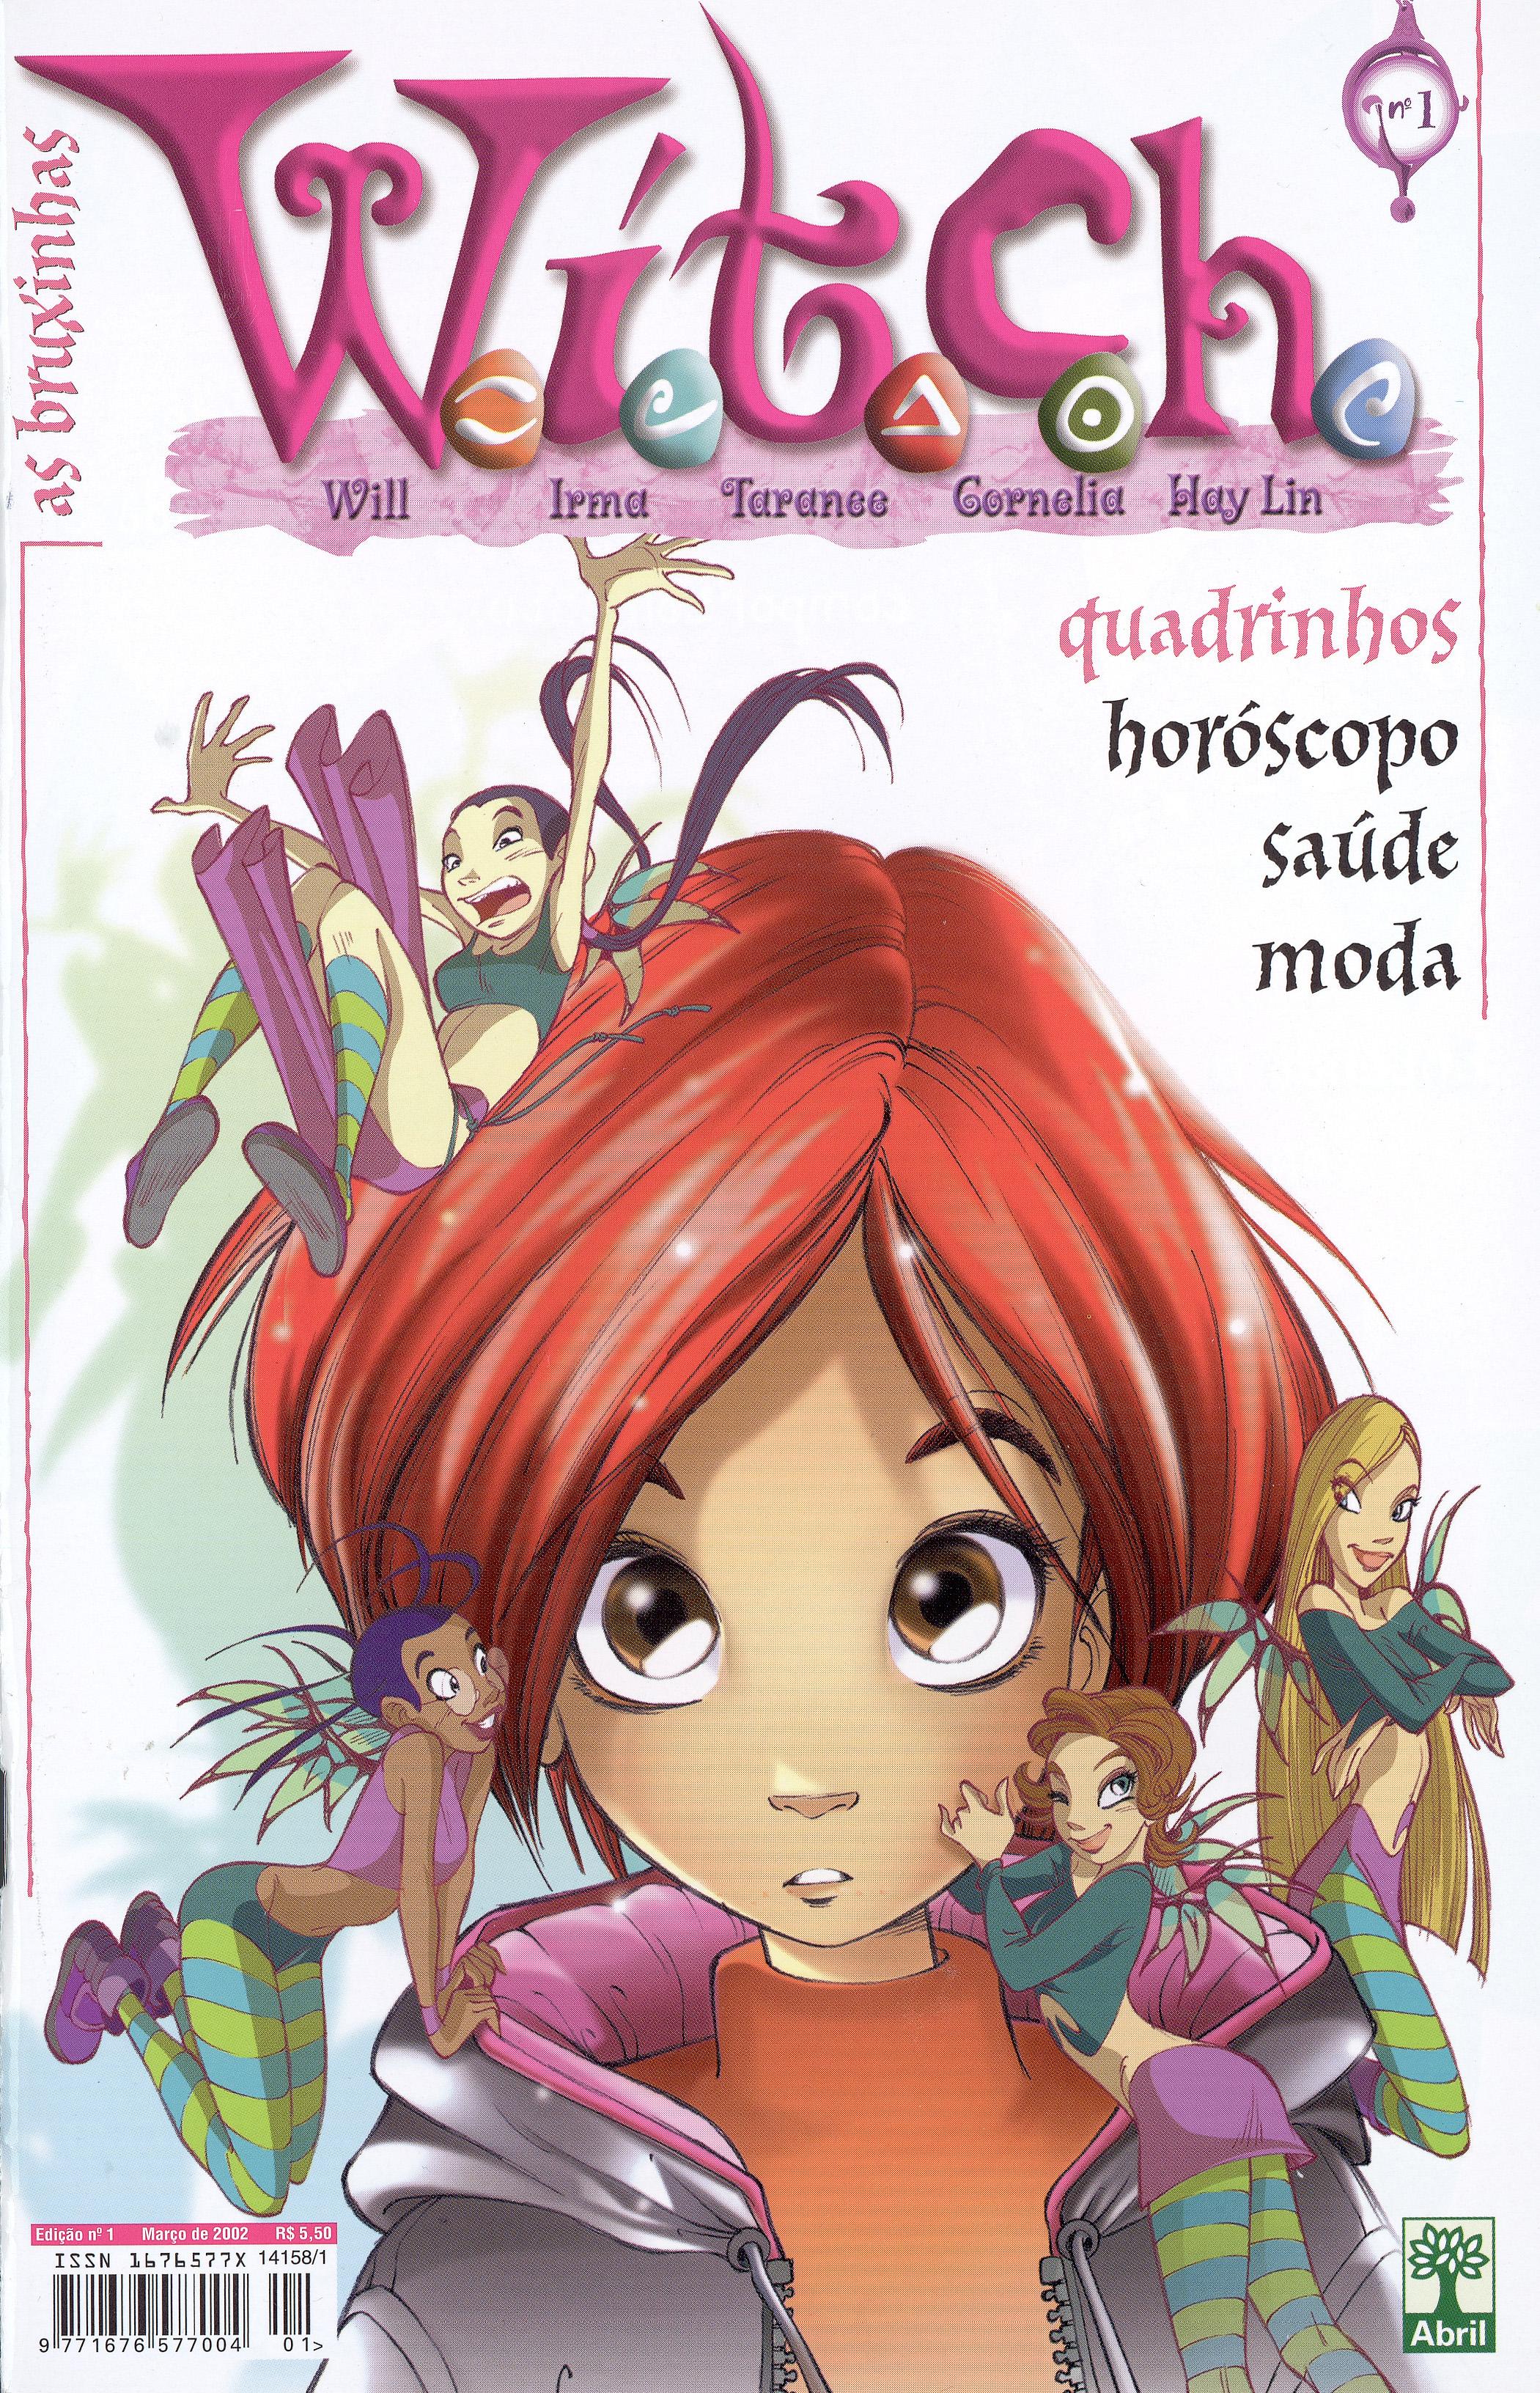 Edição 1 da revista W.i.t.c.h., de março de 2002